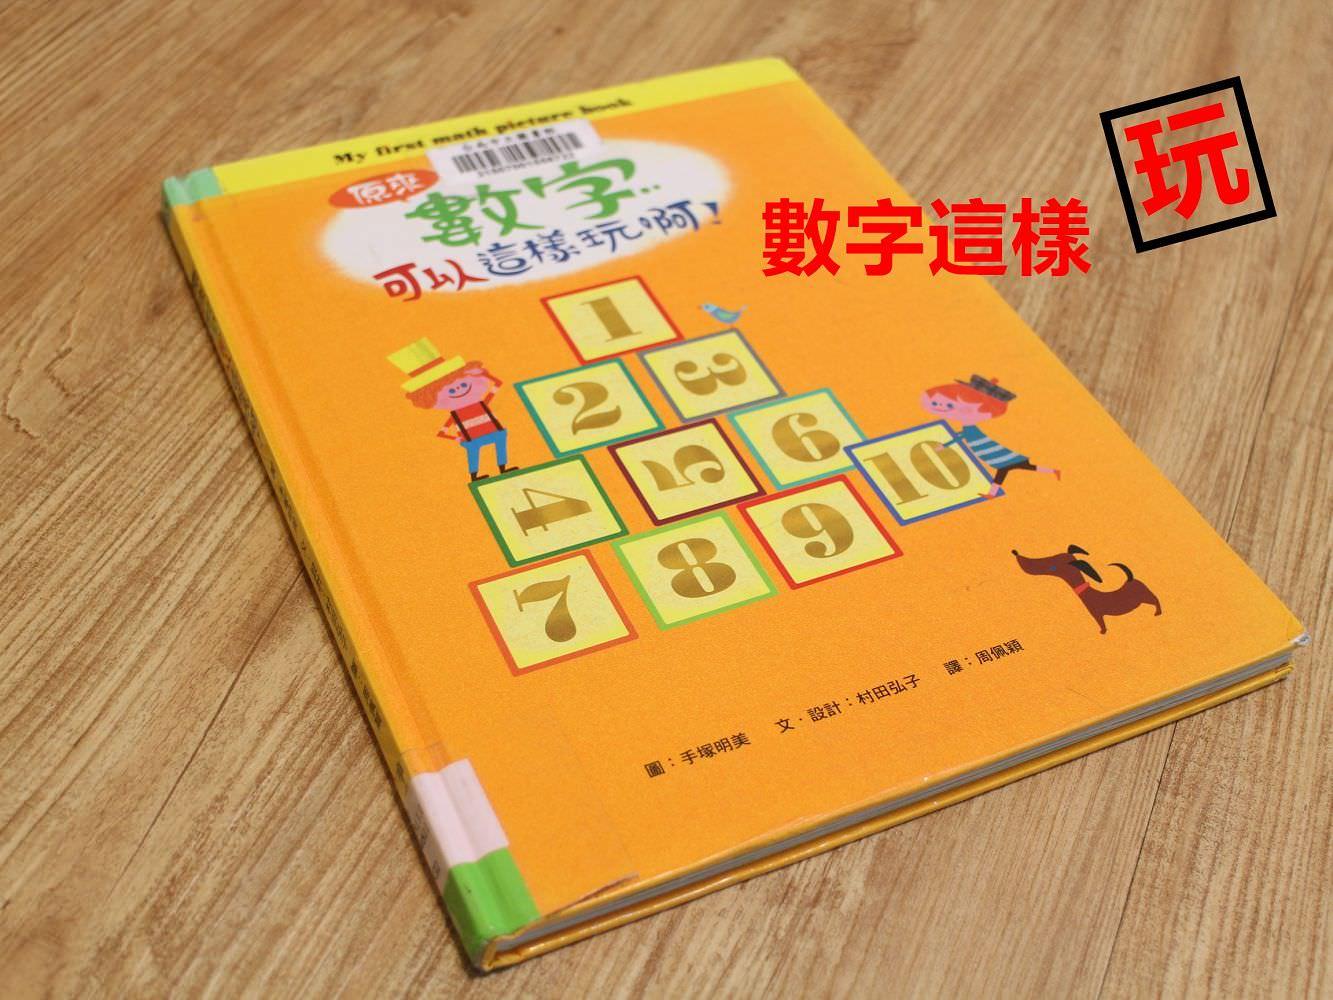 親子共讀︱數學遊戲︱原來數字可以這樣玩啊:從生活情境中開心玩數學,完成小一上數學內容